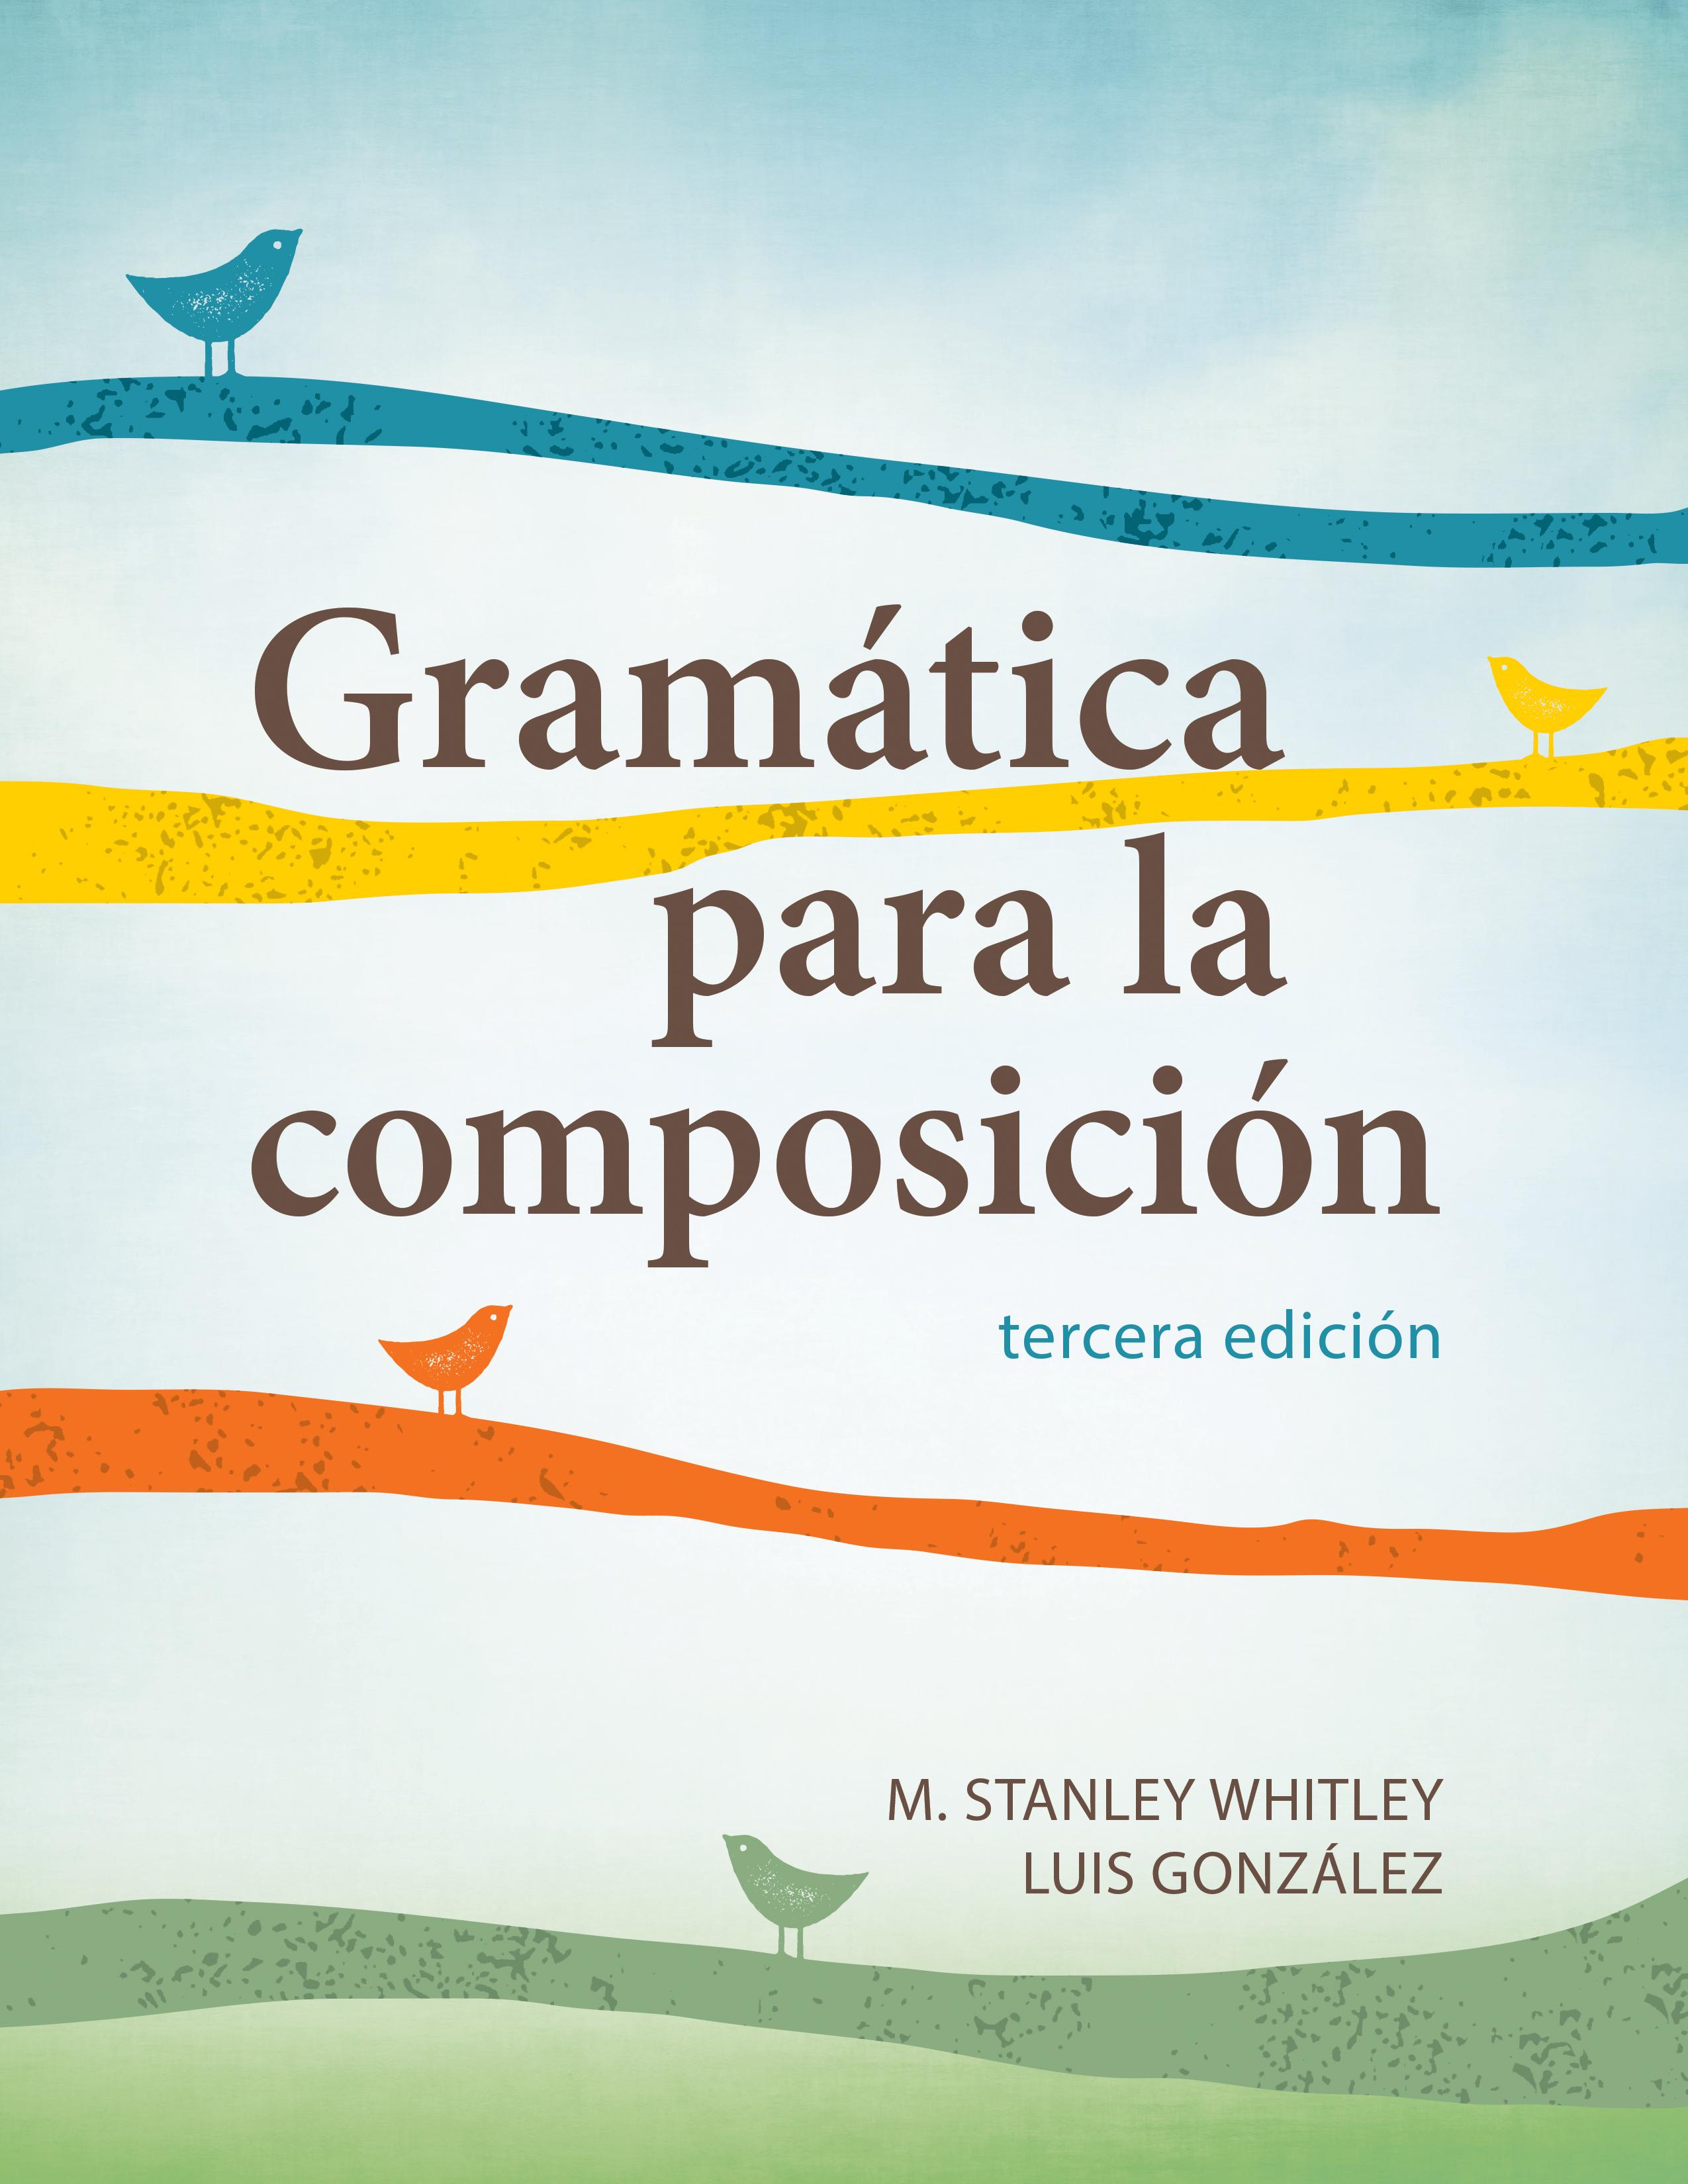 Gramática para la composición cover